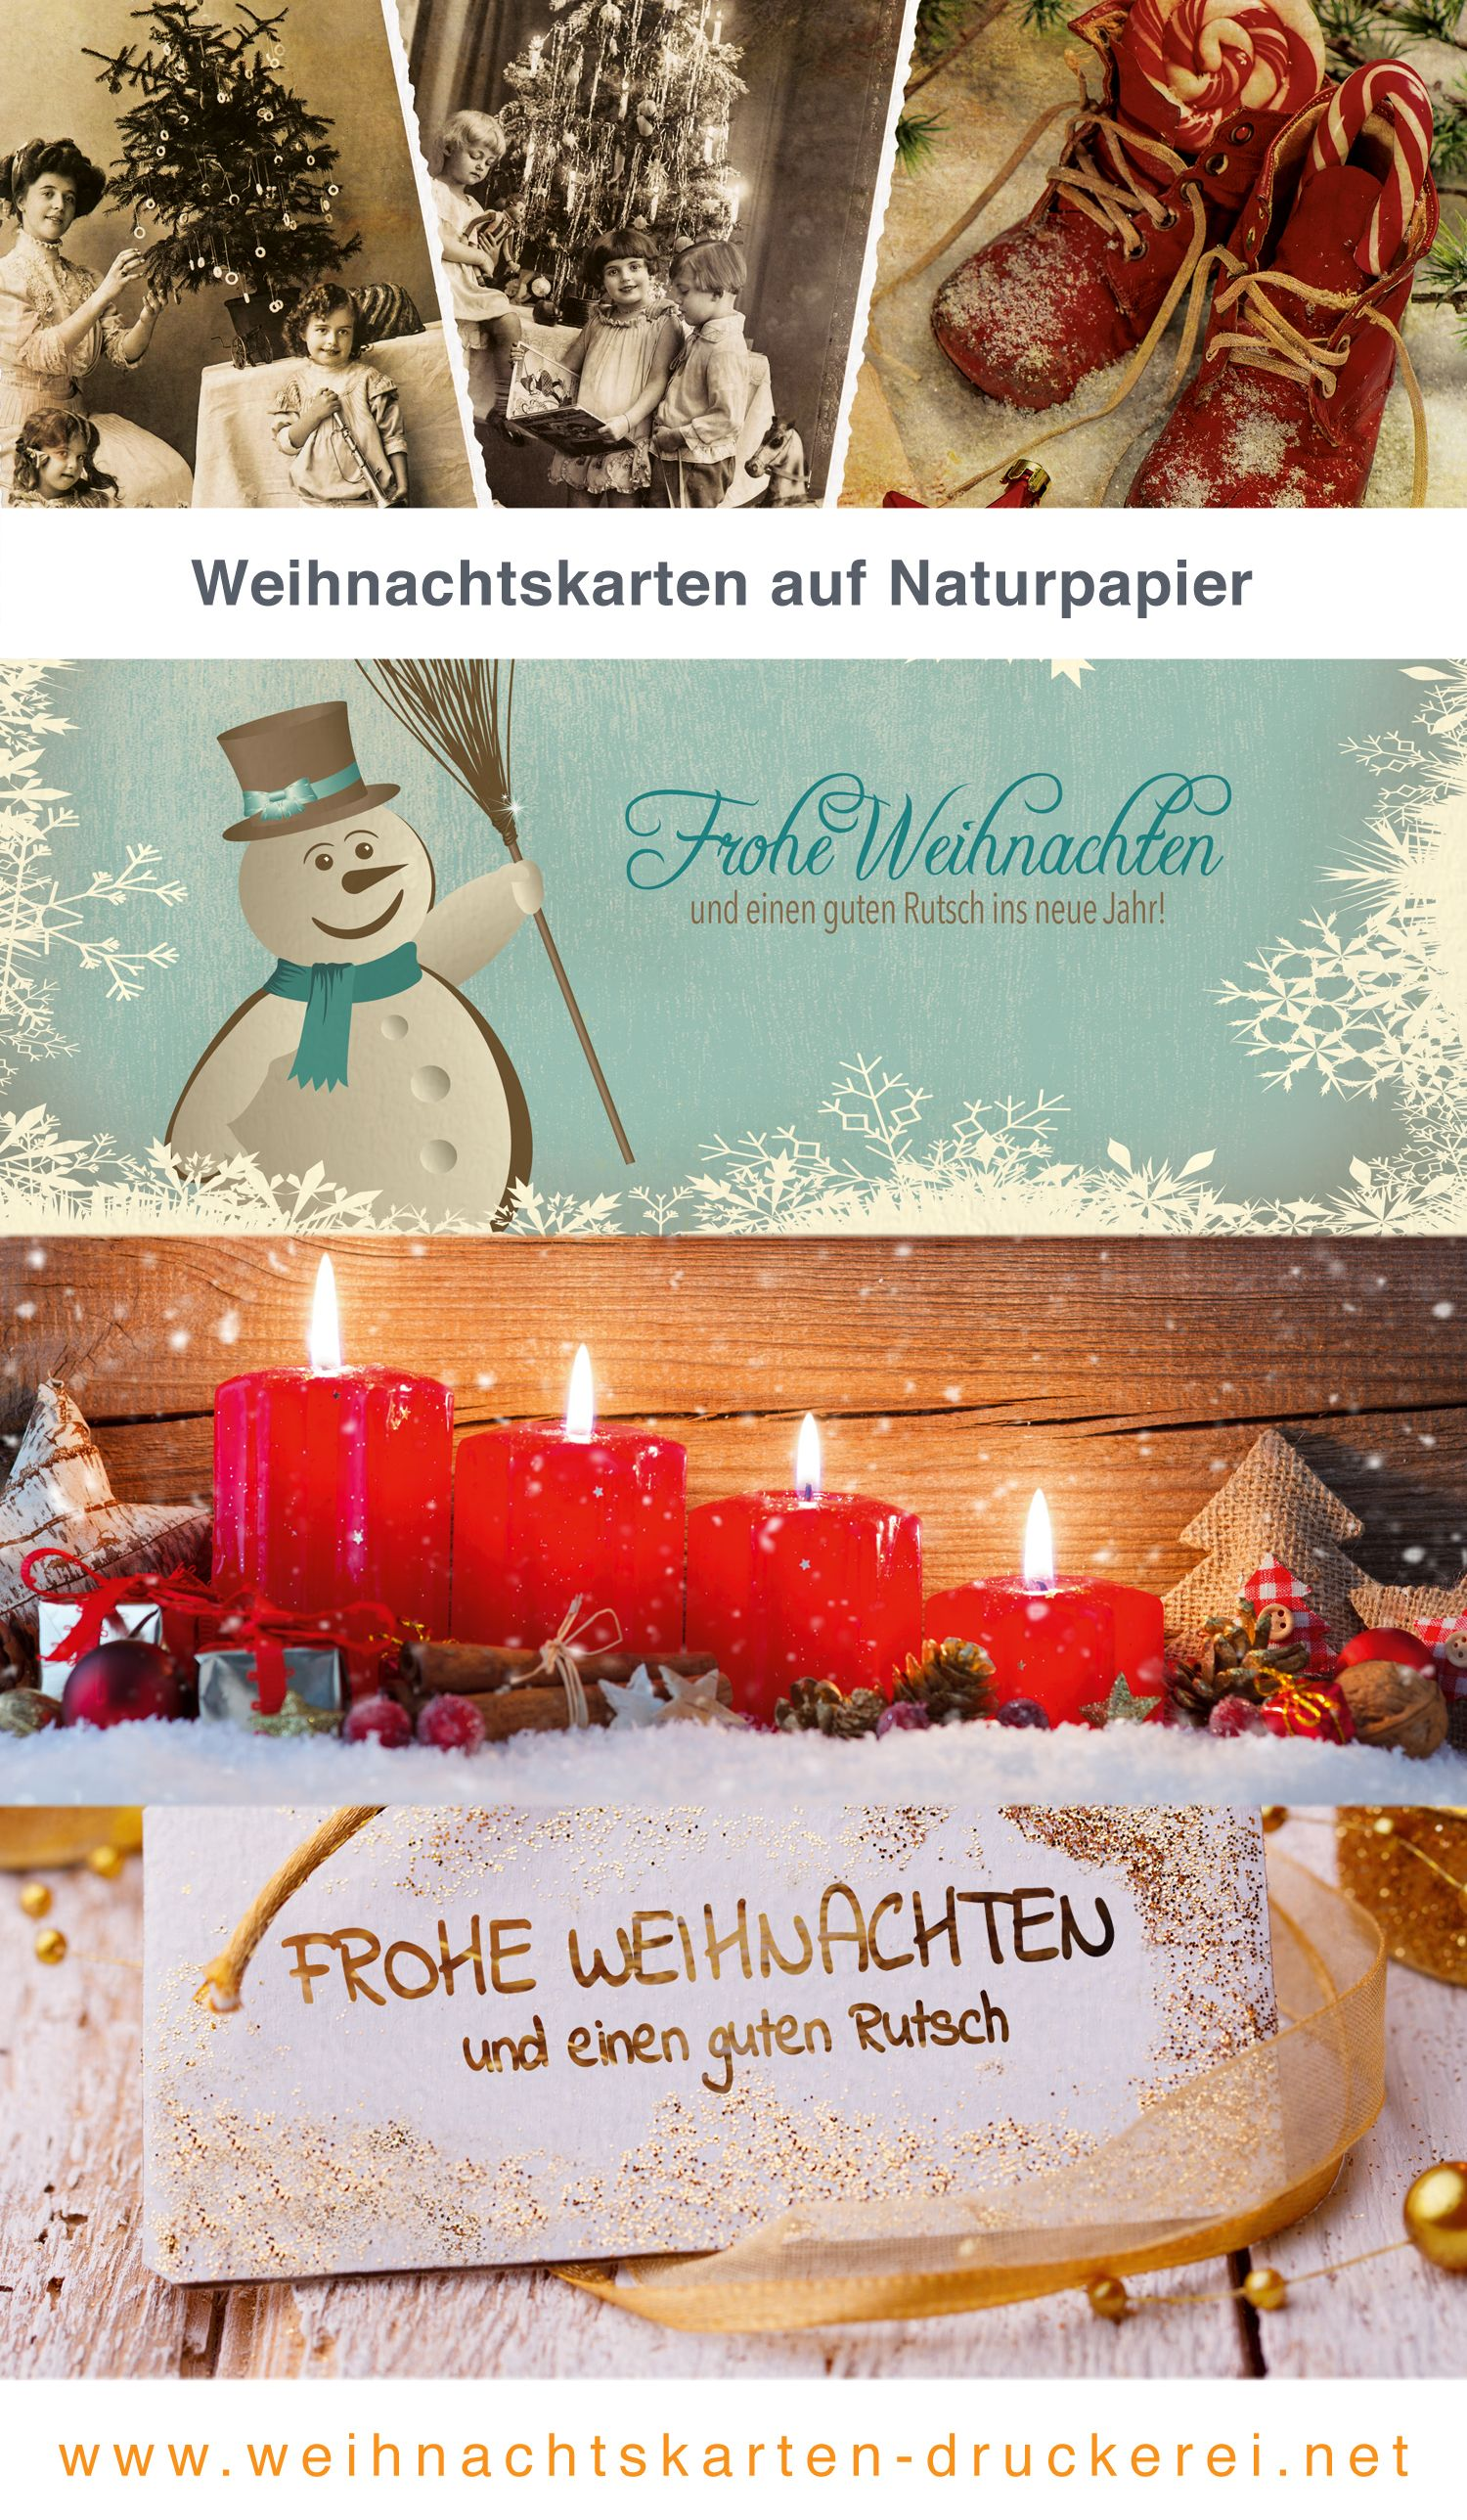 Weihnachtskarten Naturpapier für Firmen www.weihnachtskarten-druckerei.net